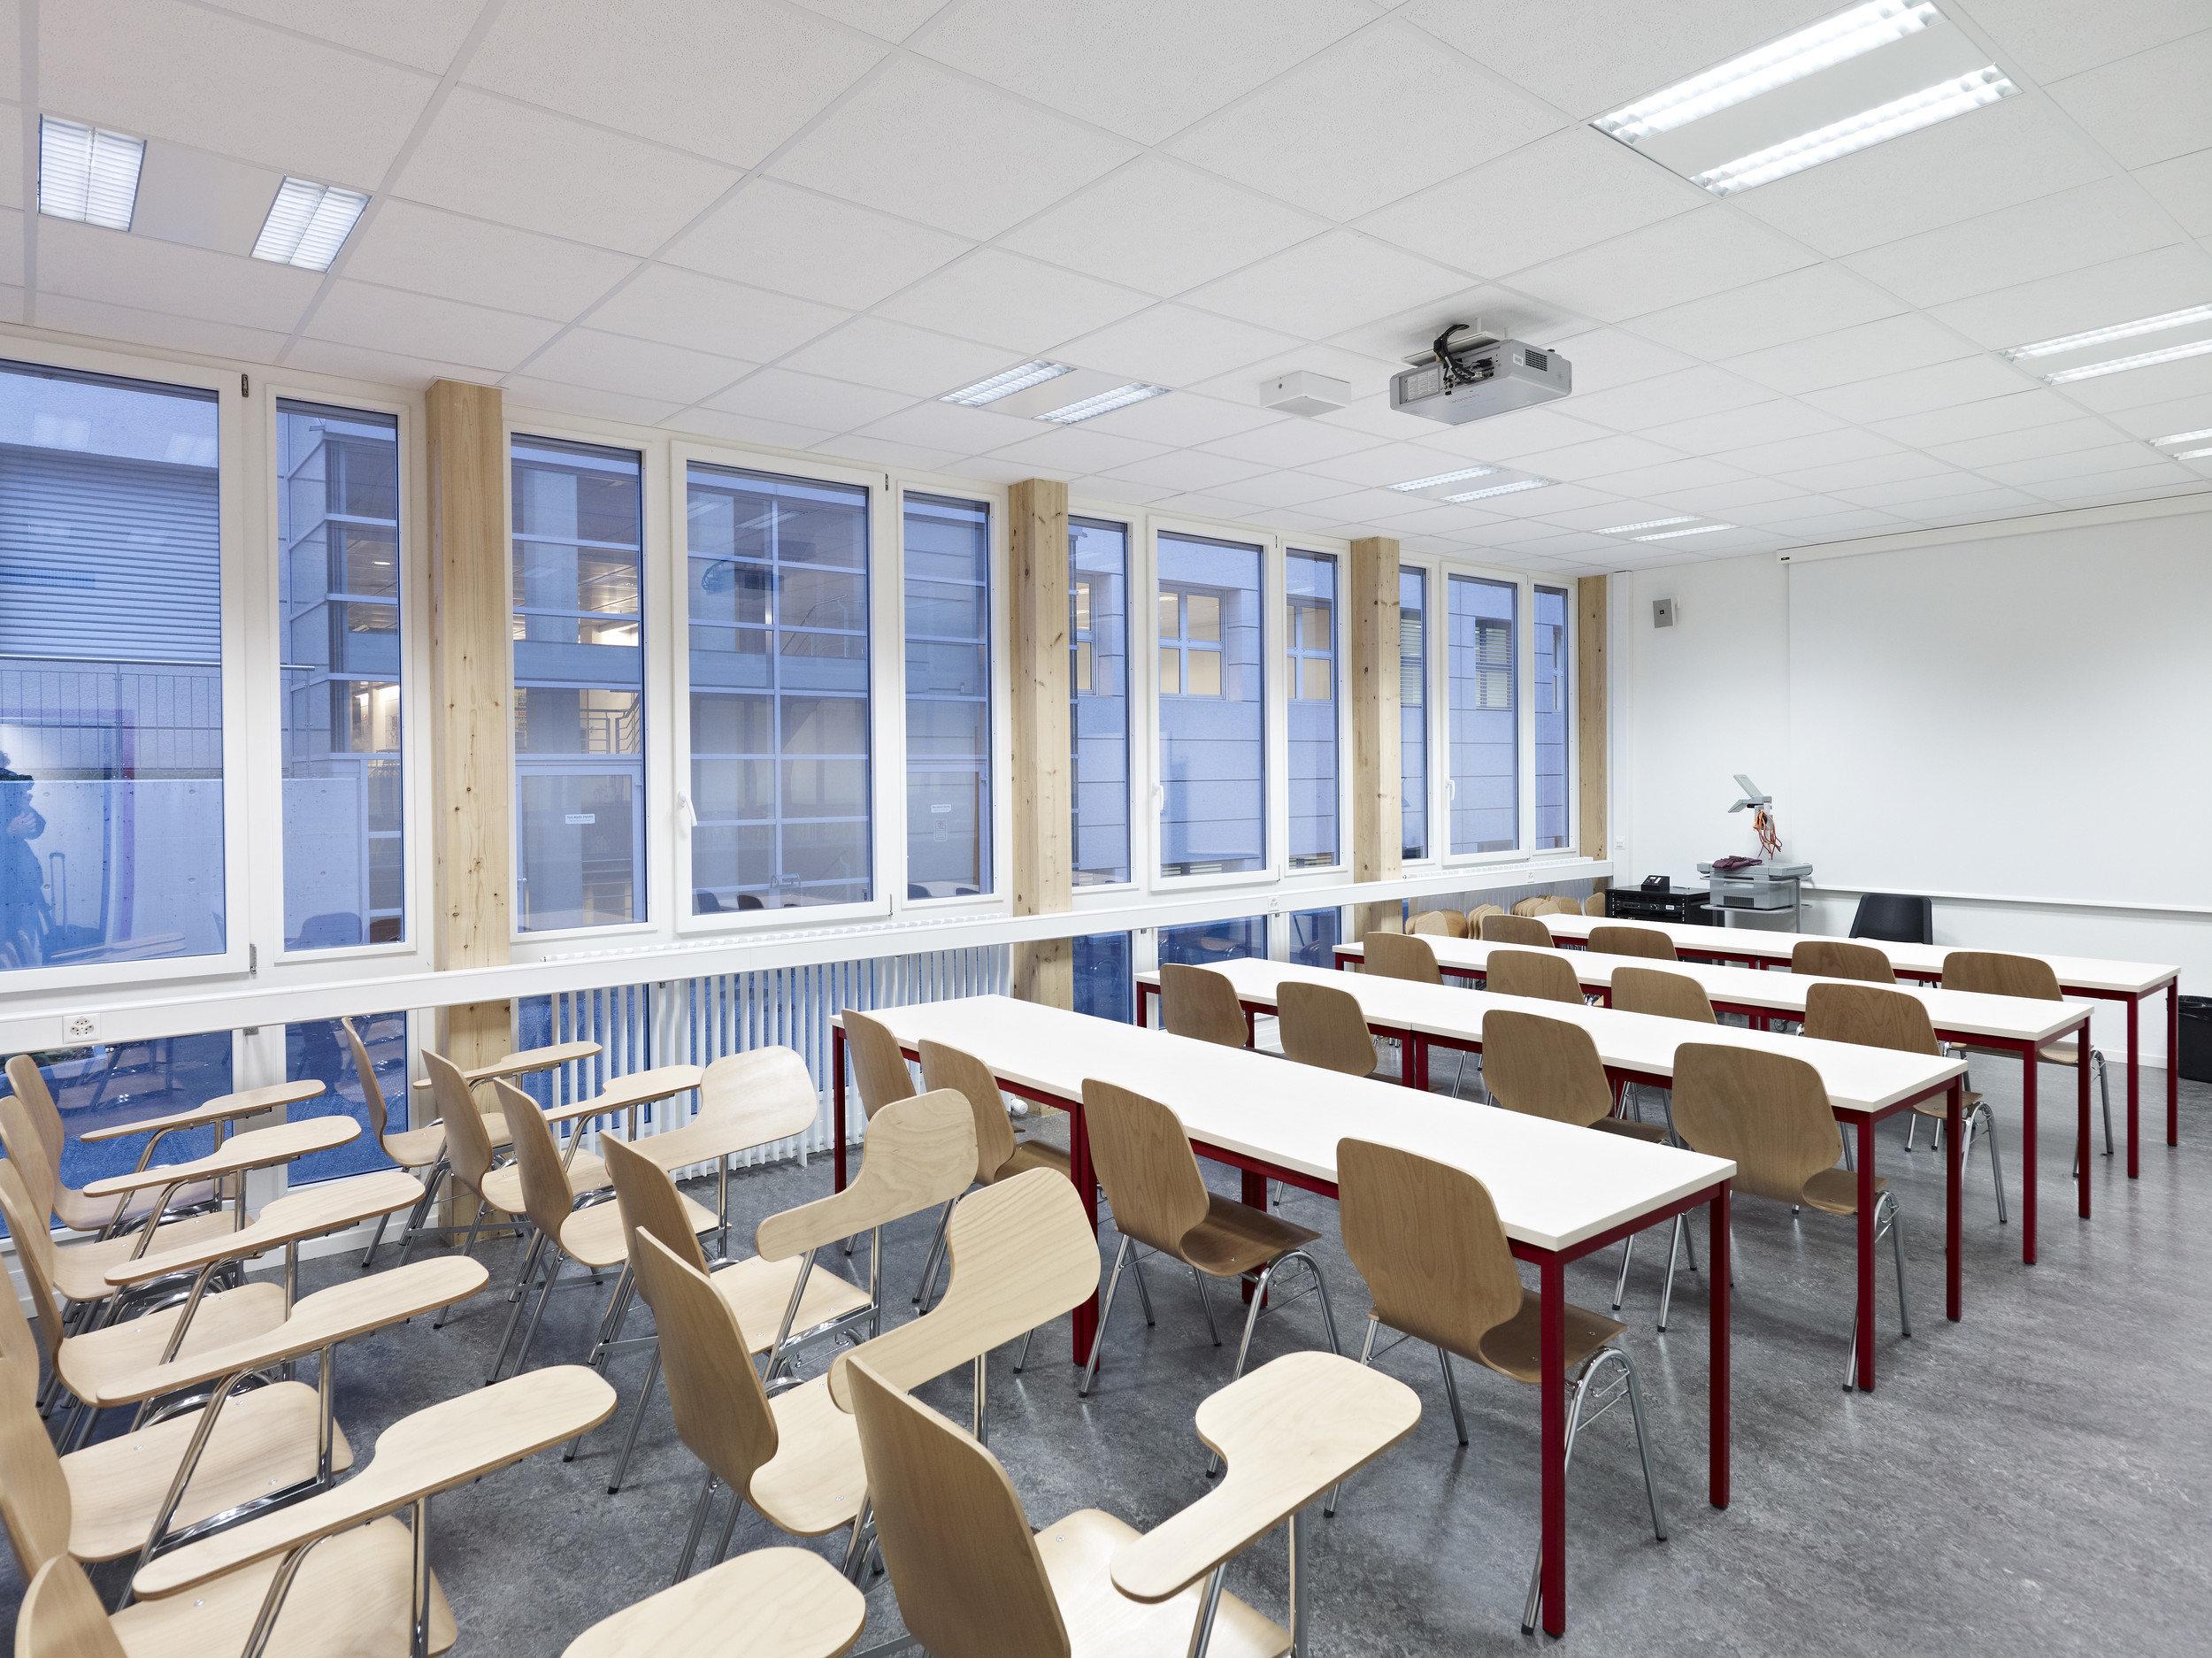 Bestuhltes Lehrzimmer mit mehrteiligen Fensterelementen